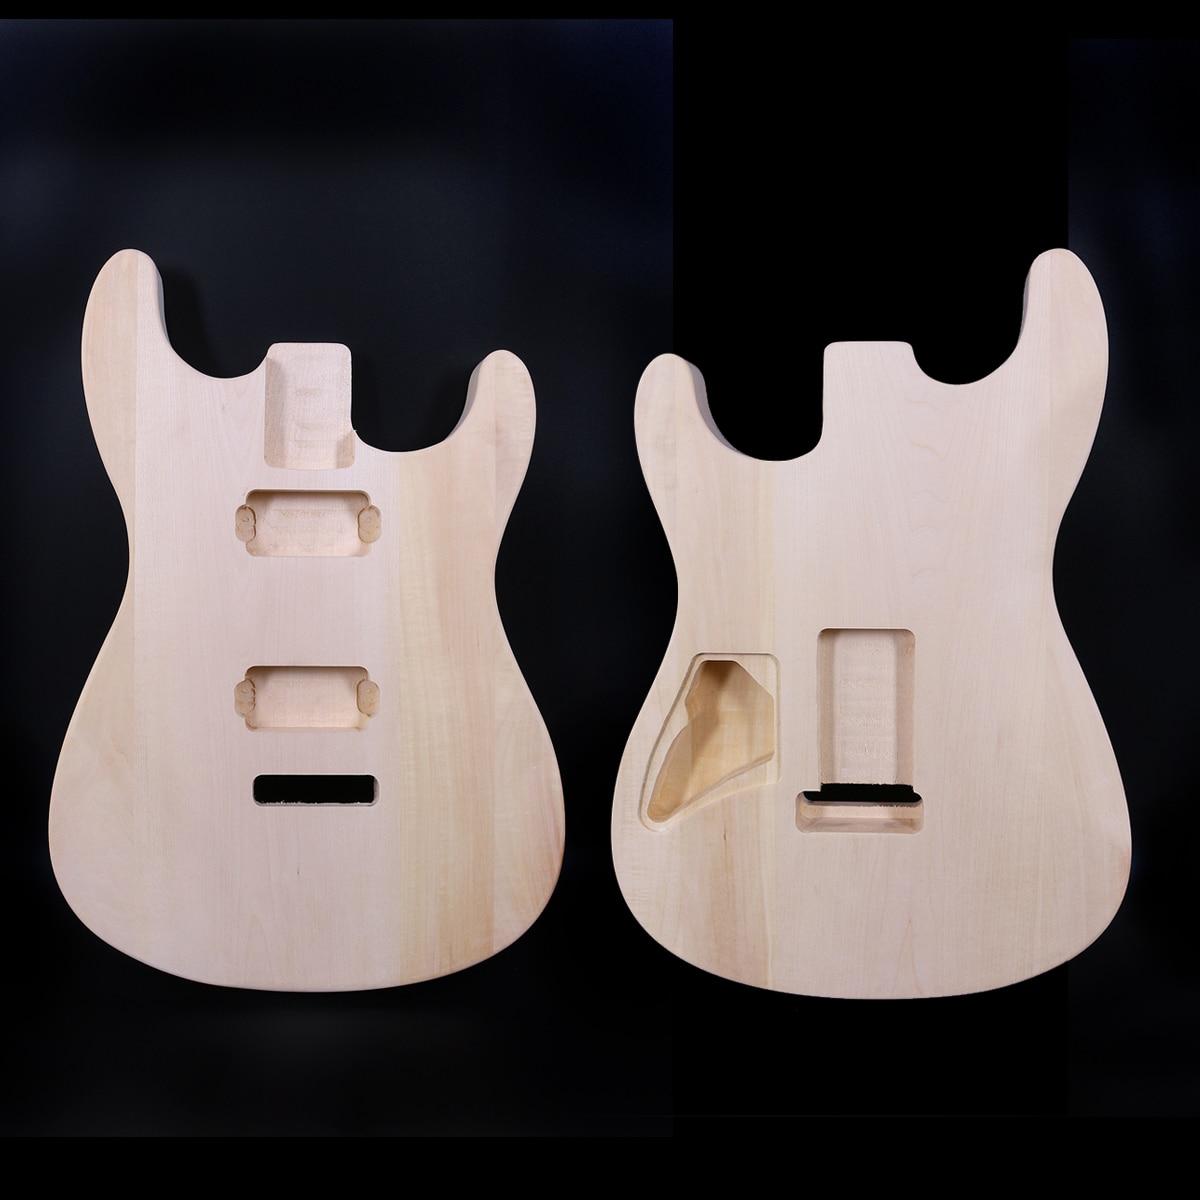 Yinfente guitare électrique corps Basswood Strat Style inachevé lumière forte guitare pièces